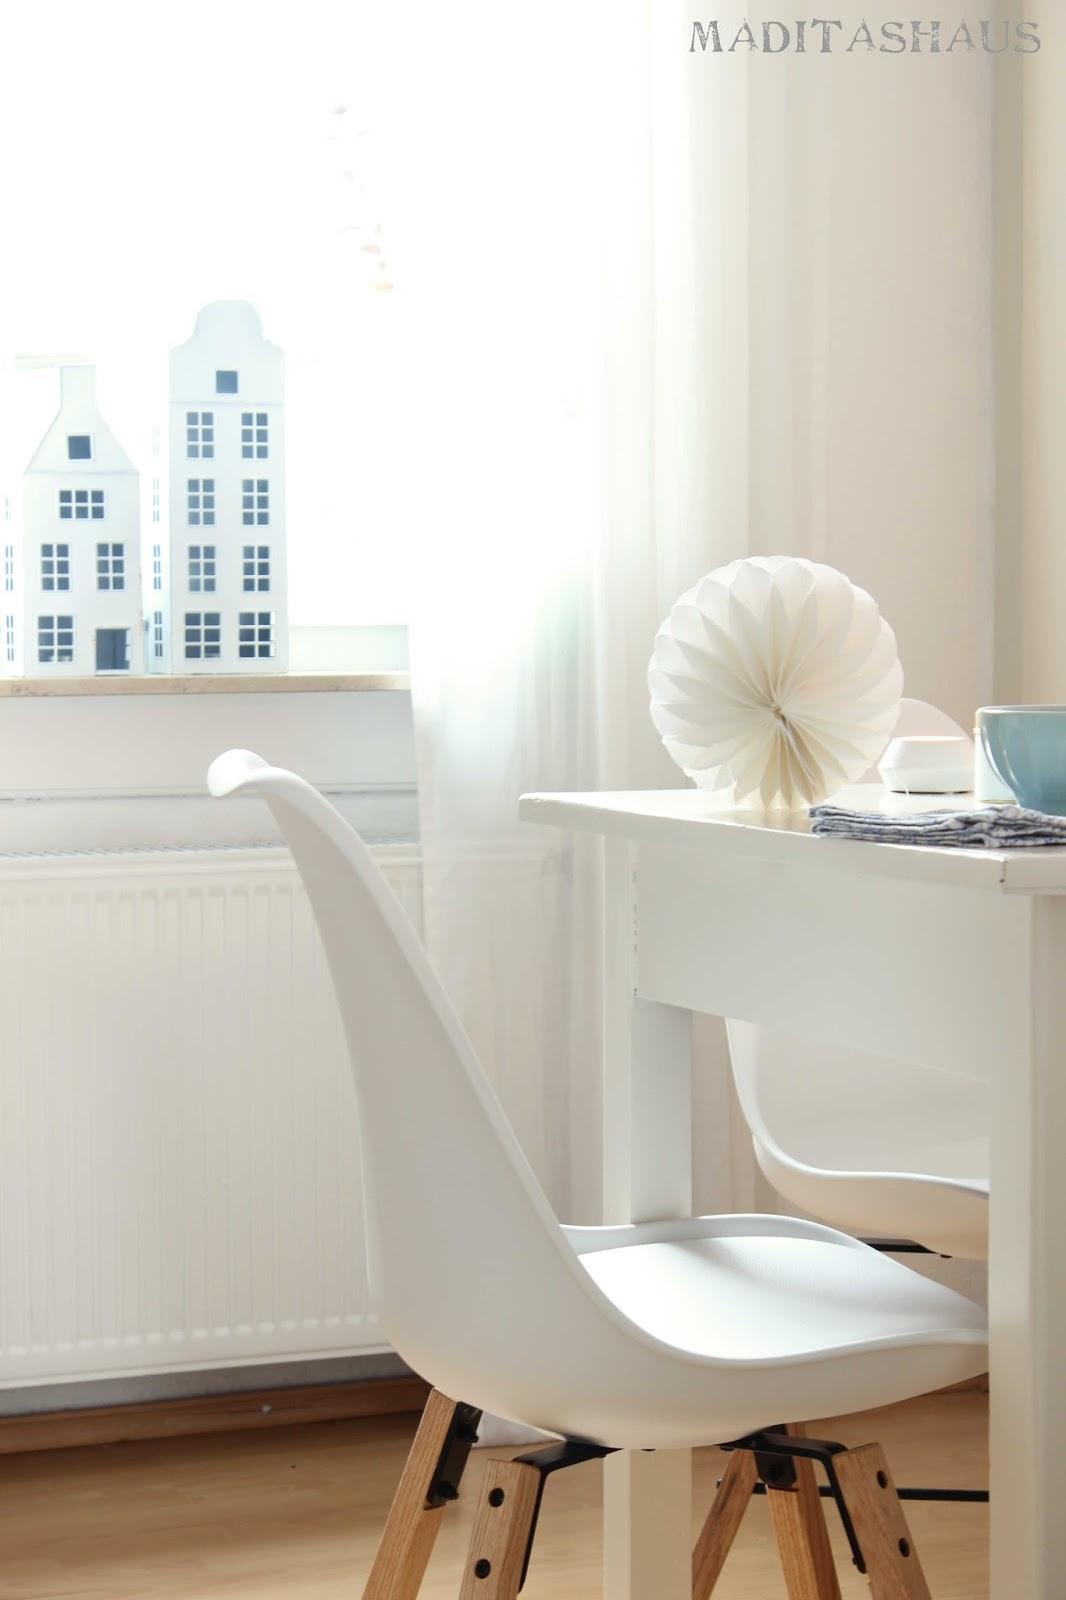 weihnachtskekse f r den hund maditas haus lifestyle und interior blog. Black Bedroom Furniture Sets. Home Design Ideas